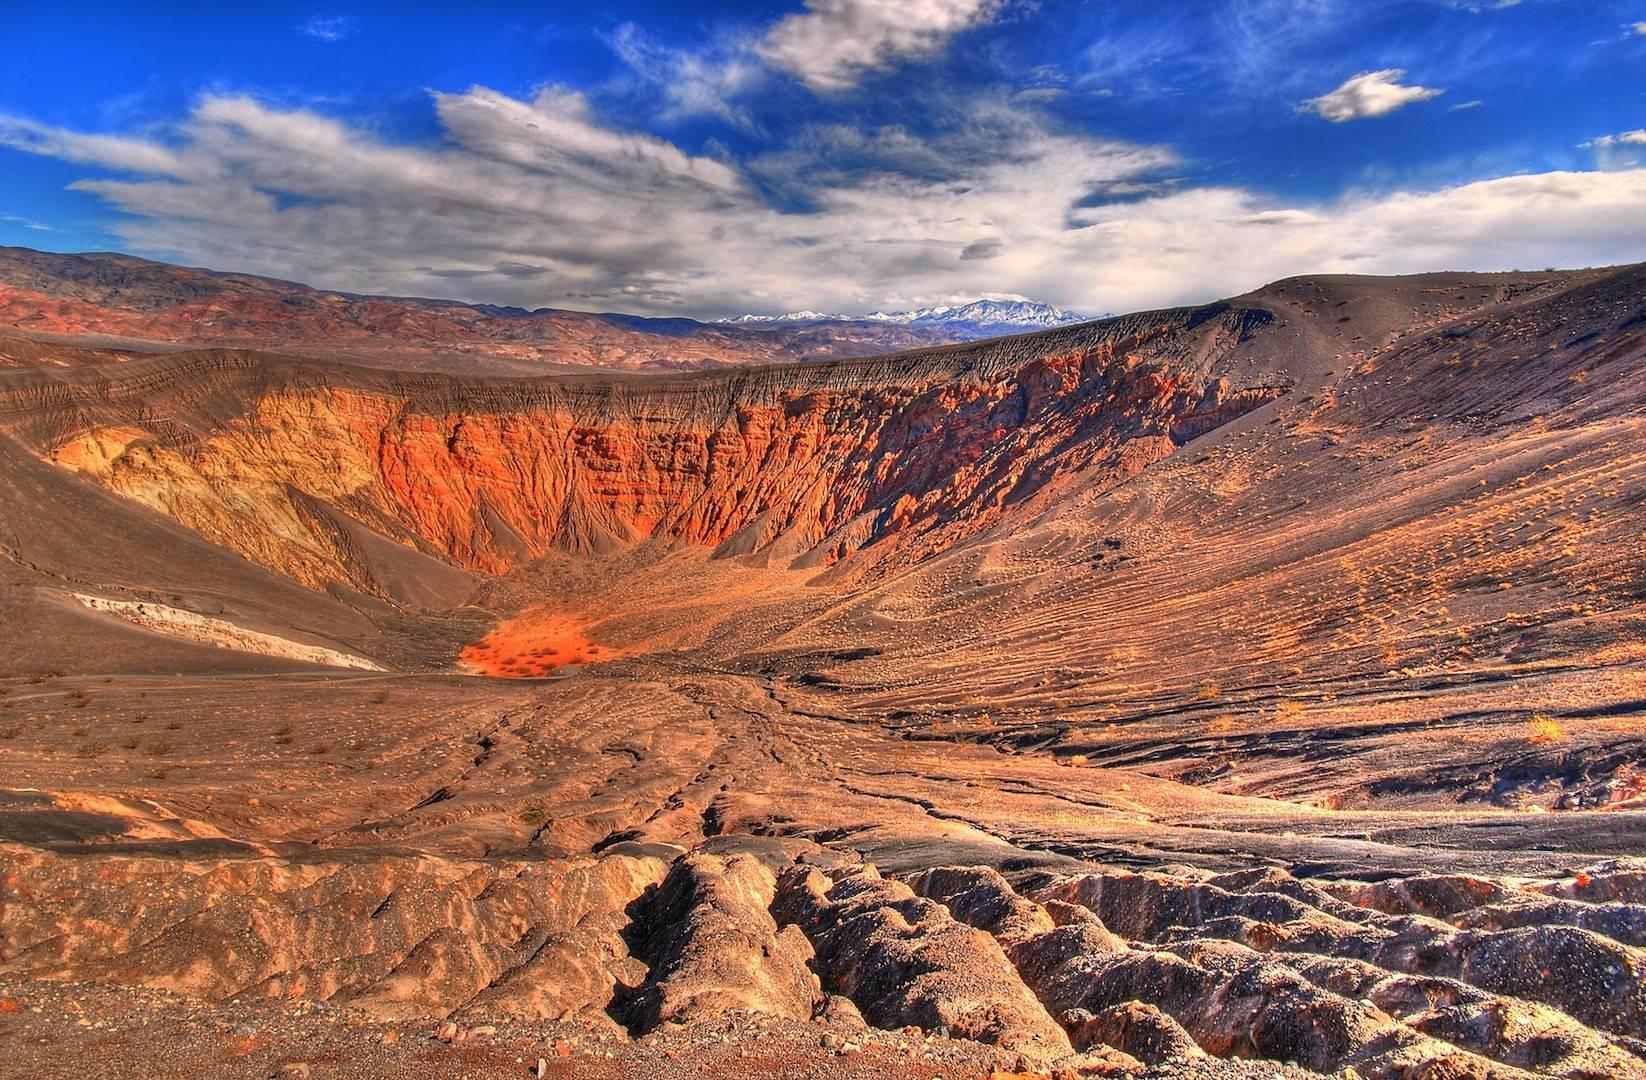 Долина смерти сша (калифорния): почему так называется дорога